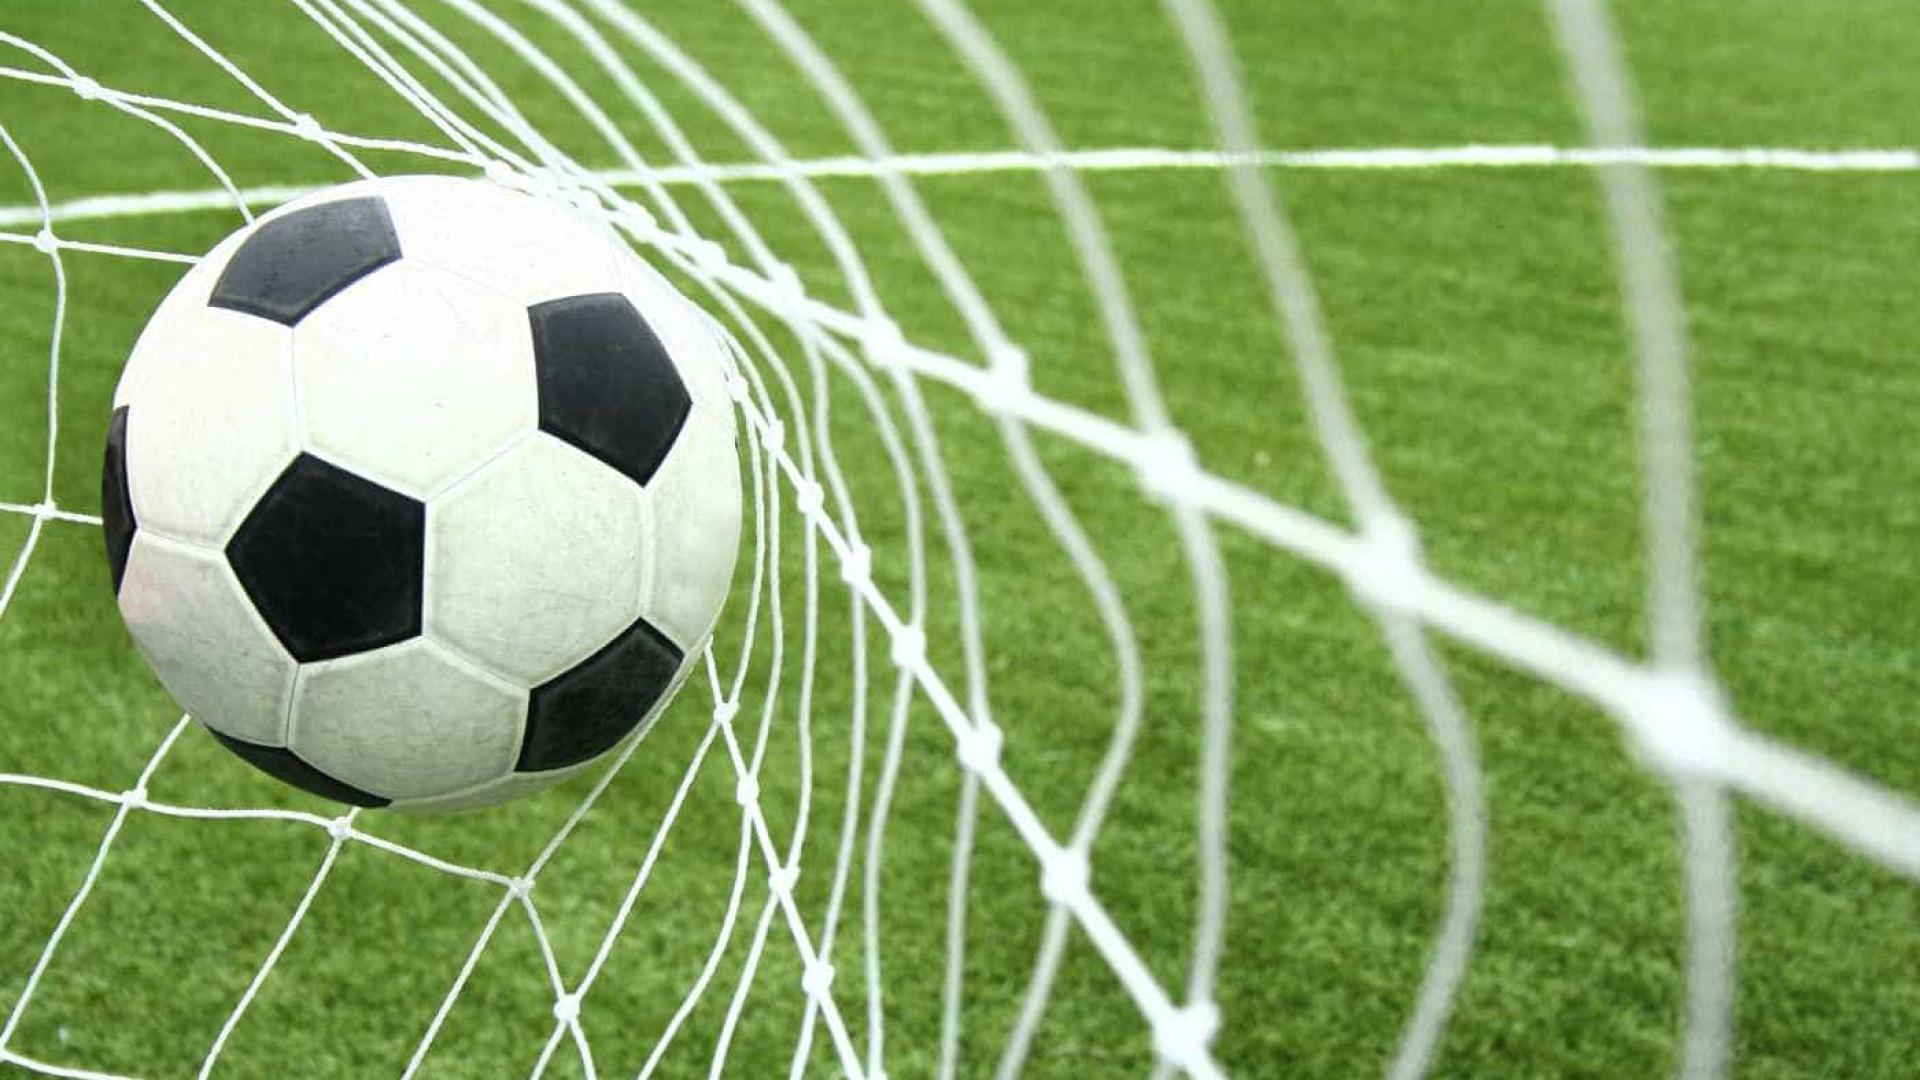 Atacante ex-PSG acerta com clube brasileiro para a disputa da Série C